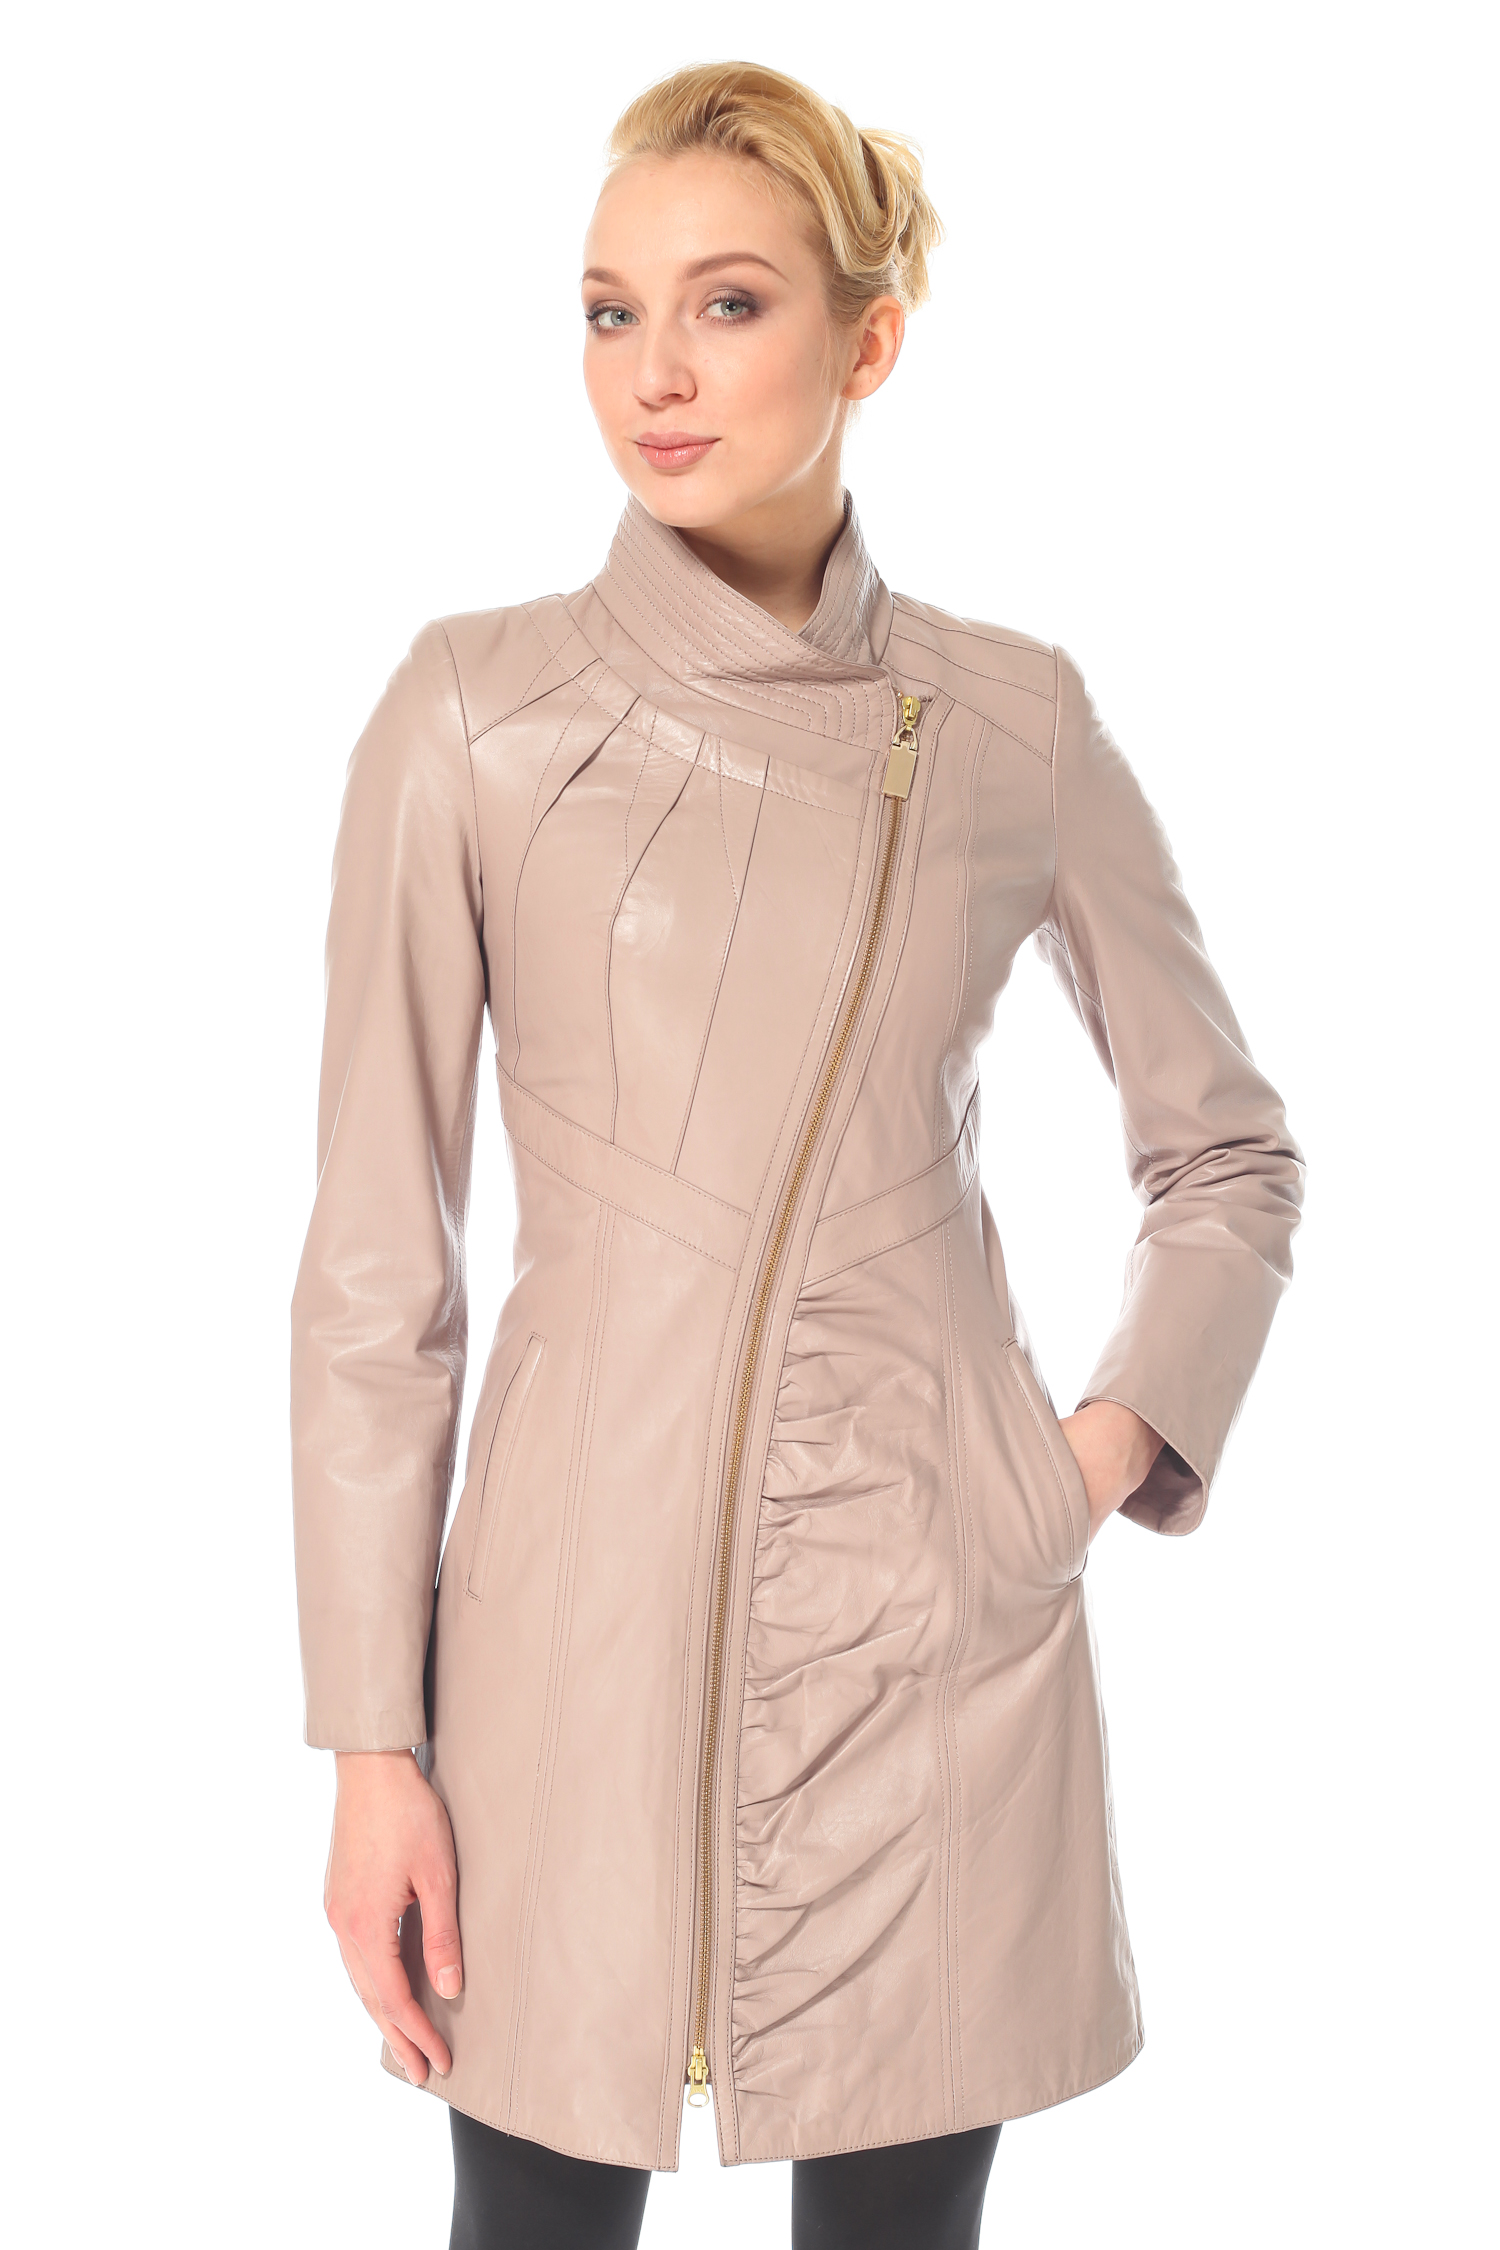 Женское кожаное пальто из натуральной кожи с воротником, без отделки<br><br>Воротник: Стойка<br>Длина см: 85<br>Материал: Натуральная кожа<br>Цвет: Розовый<br>Пол: Женский